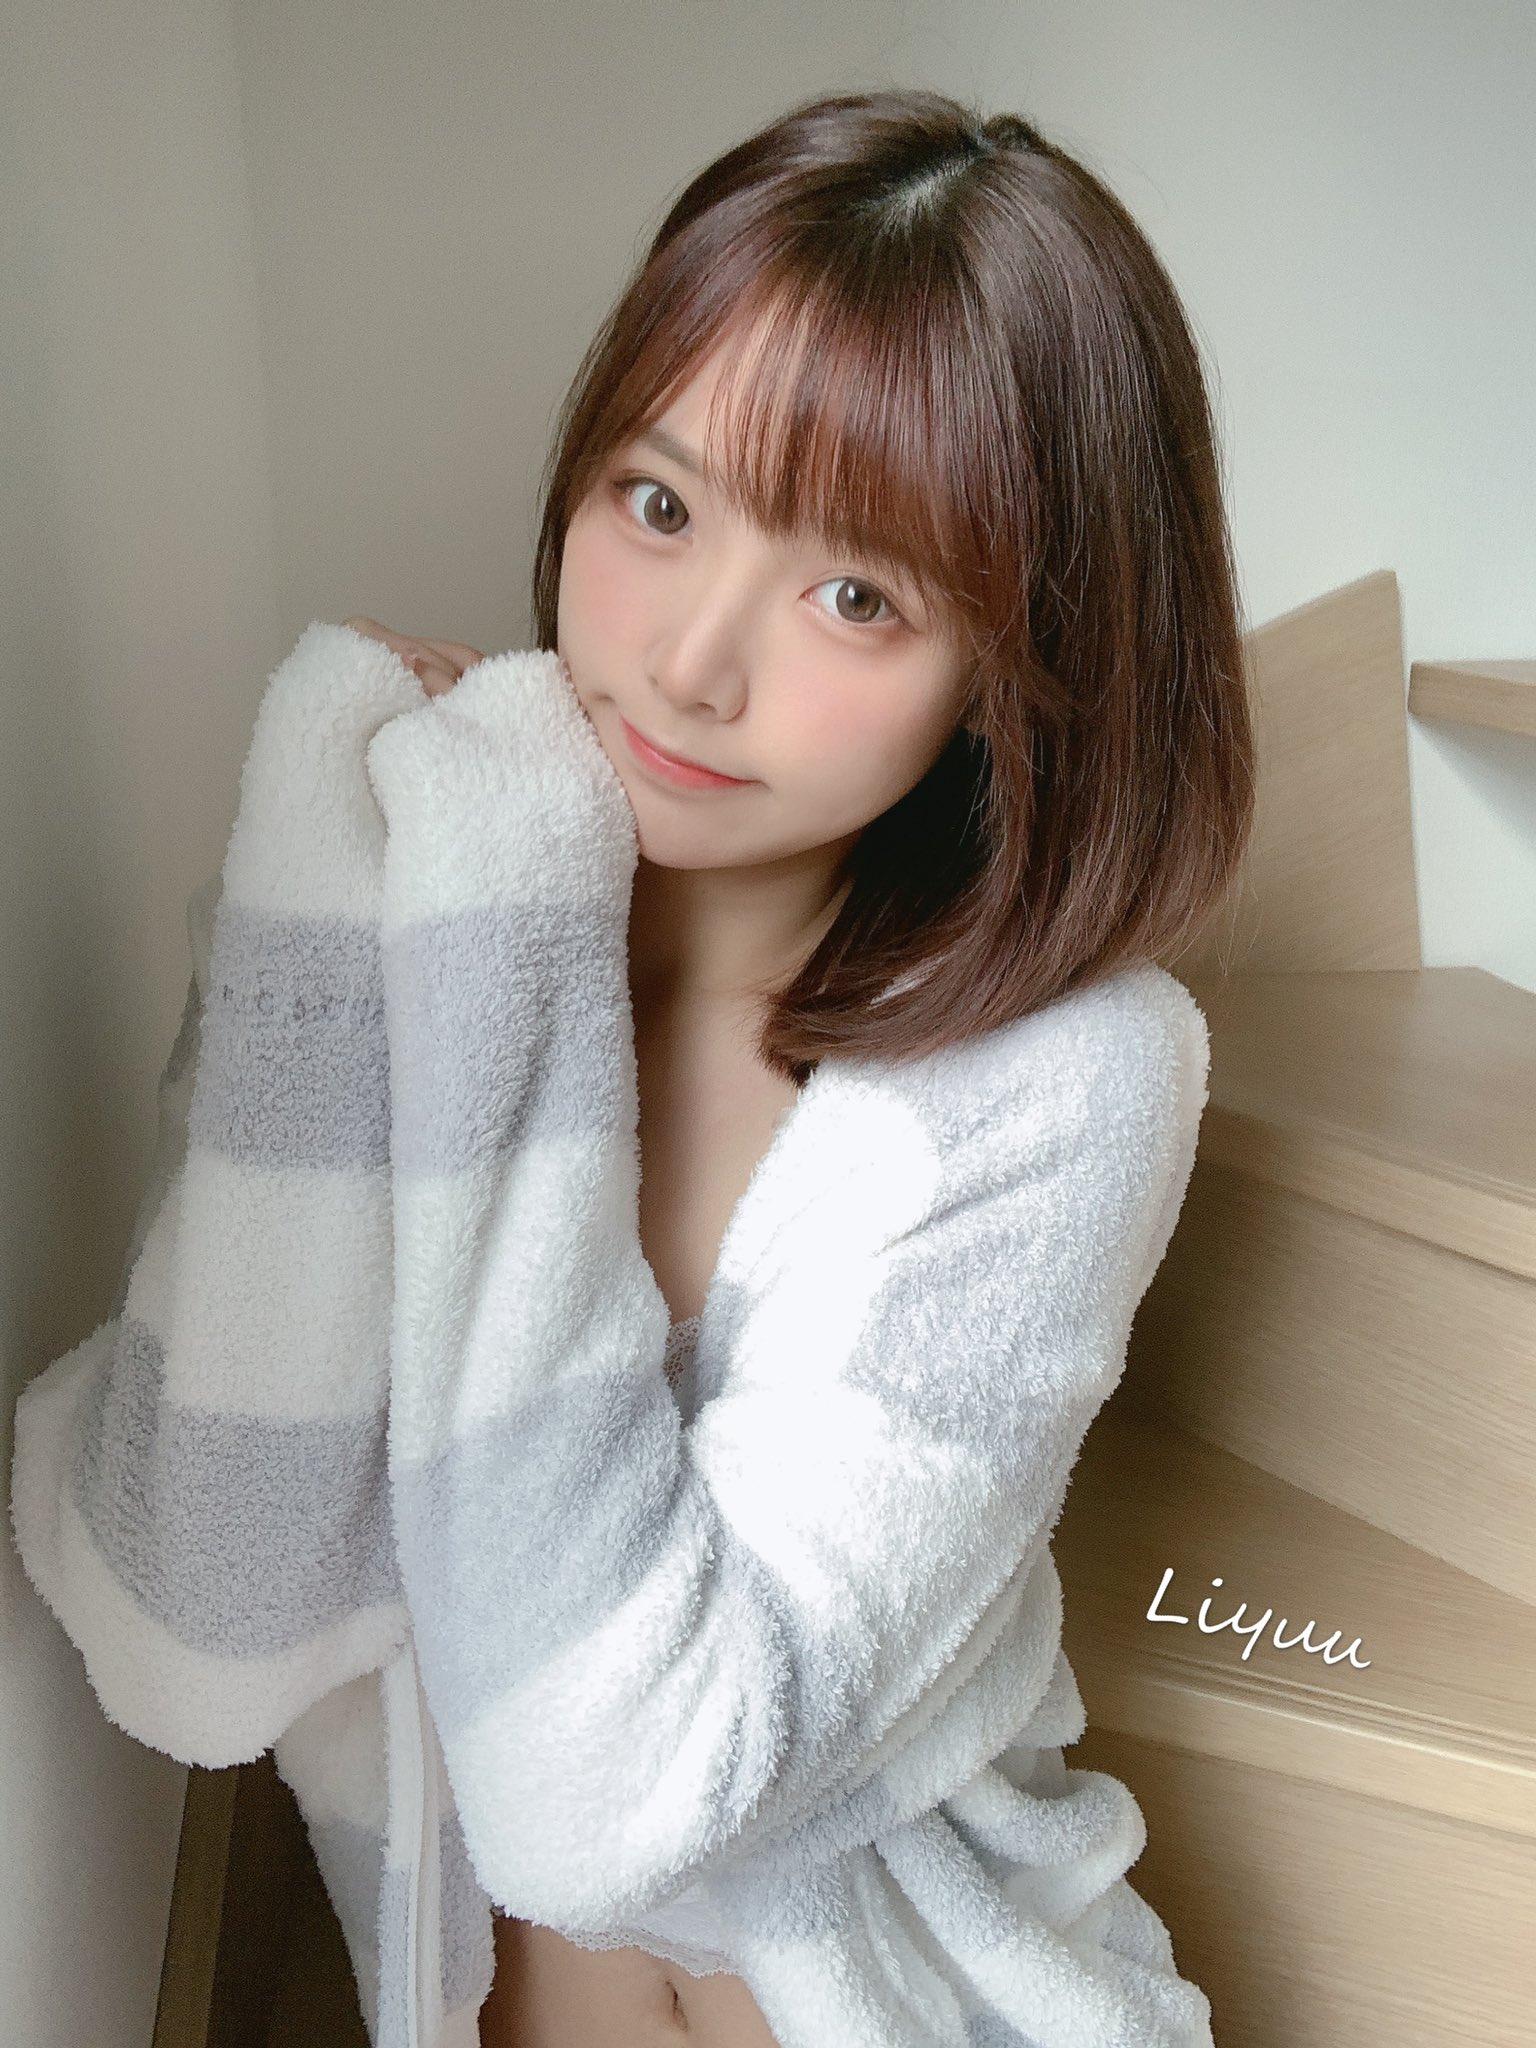 リーユウ46